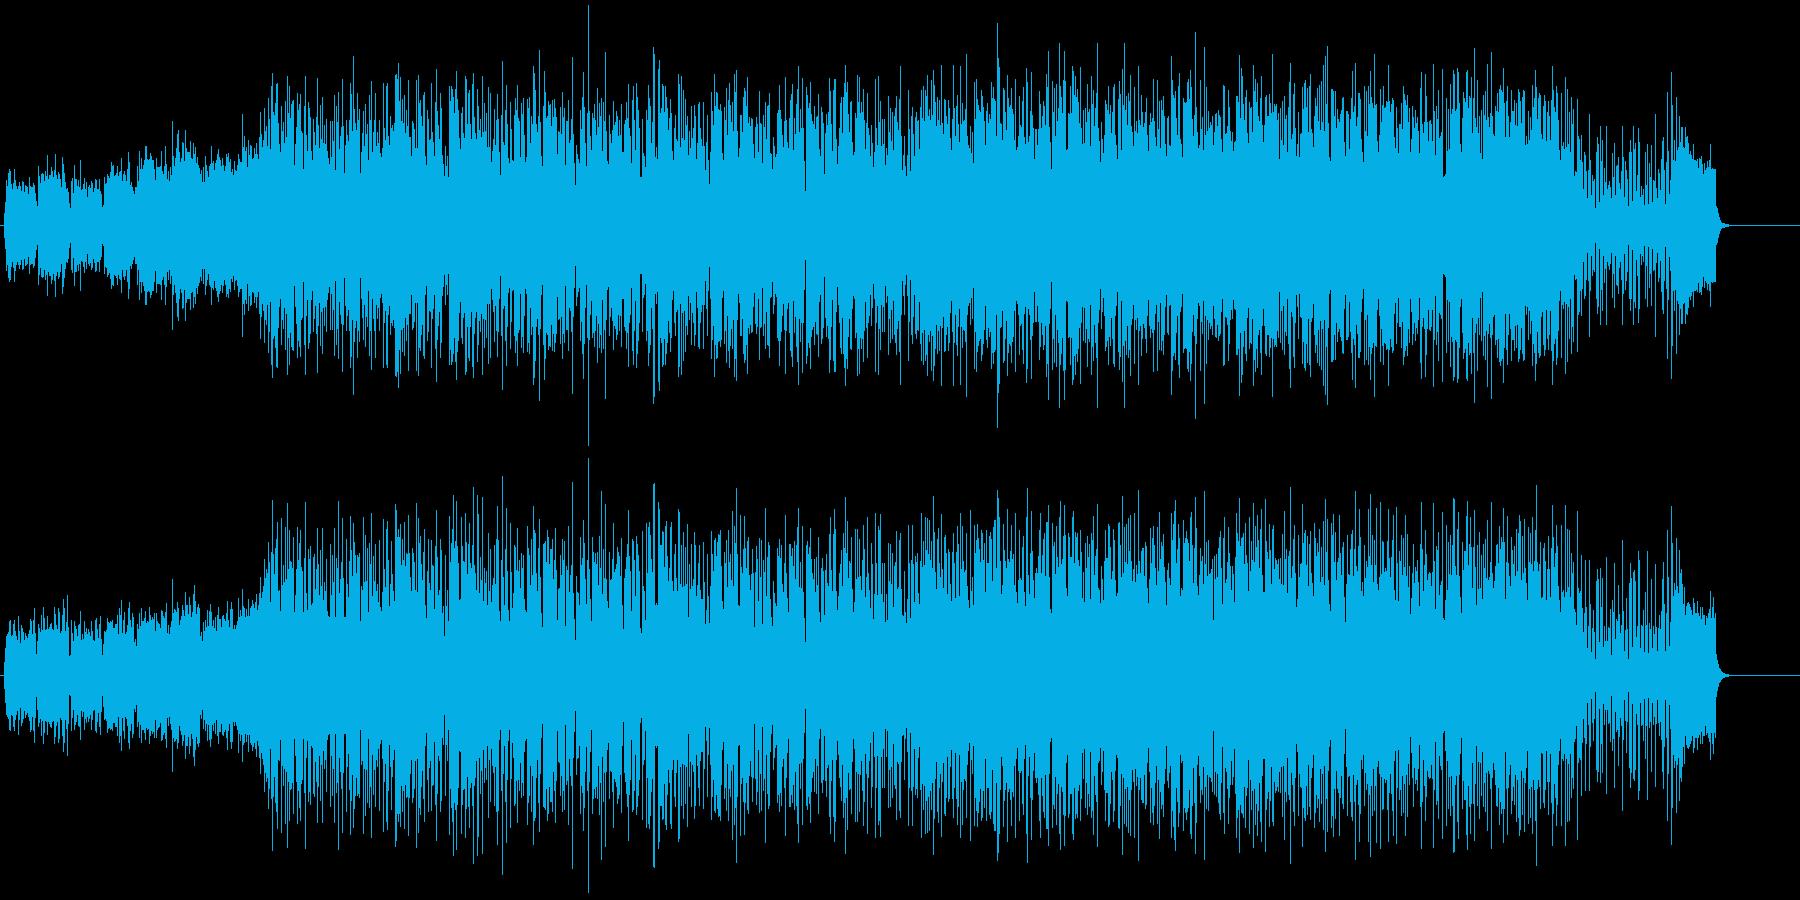 ポピュラー音楽風の再生済みの波形